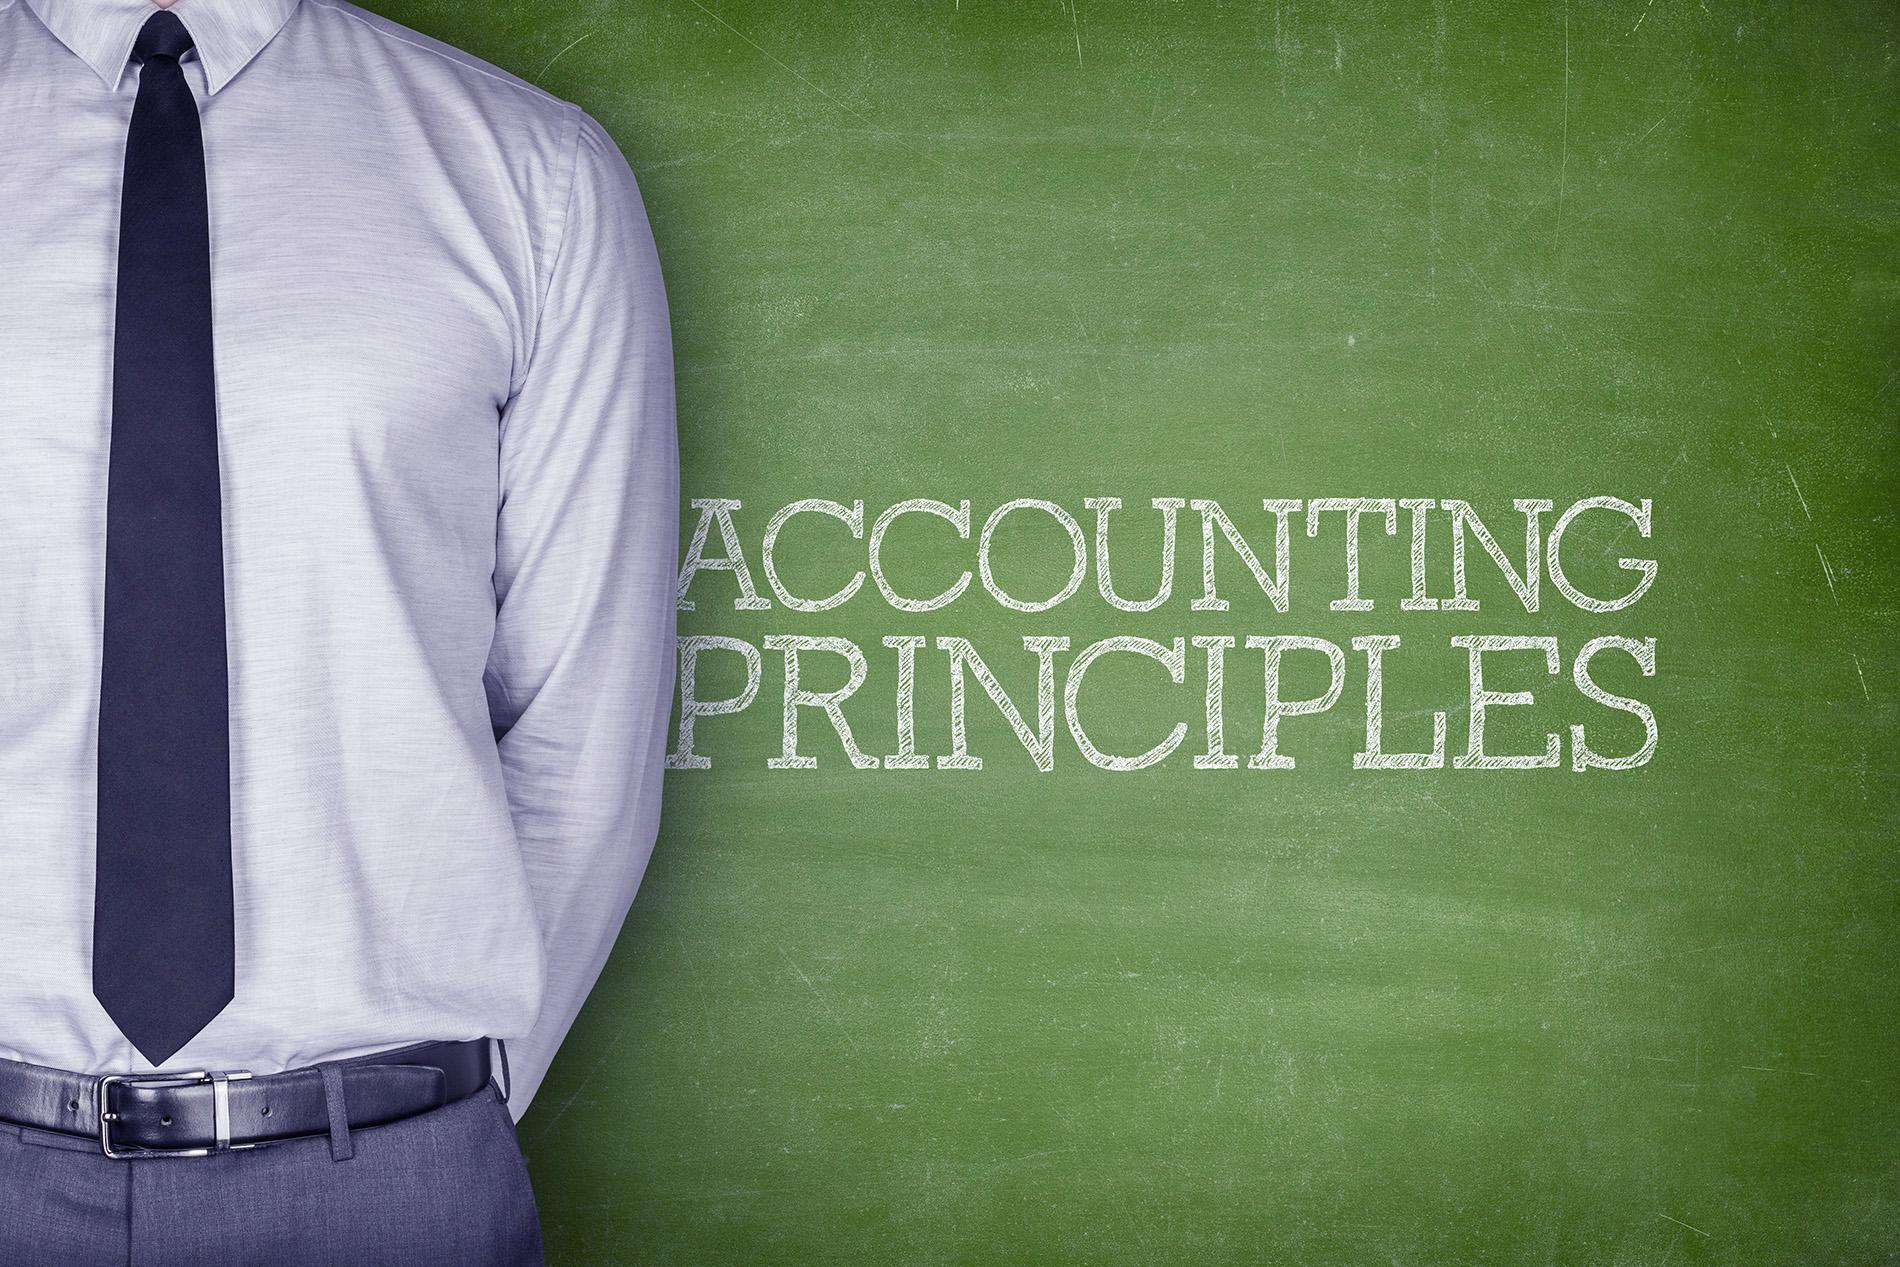 accounting principles.jpg